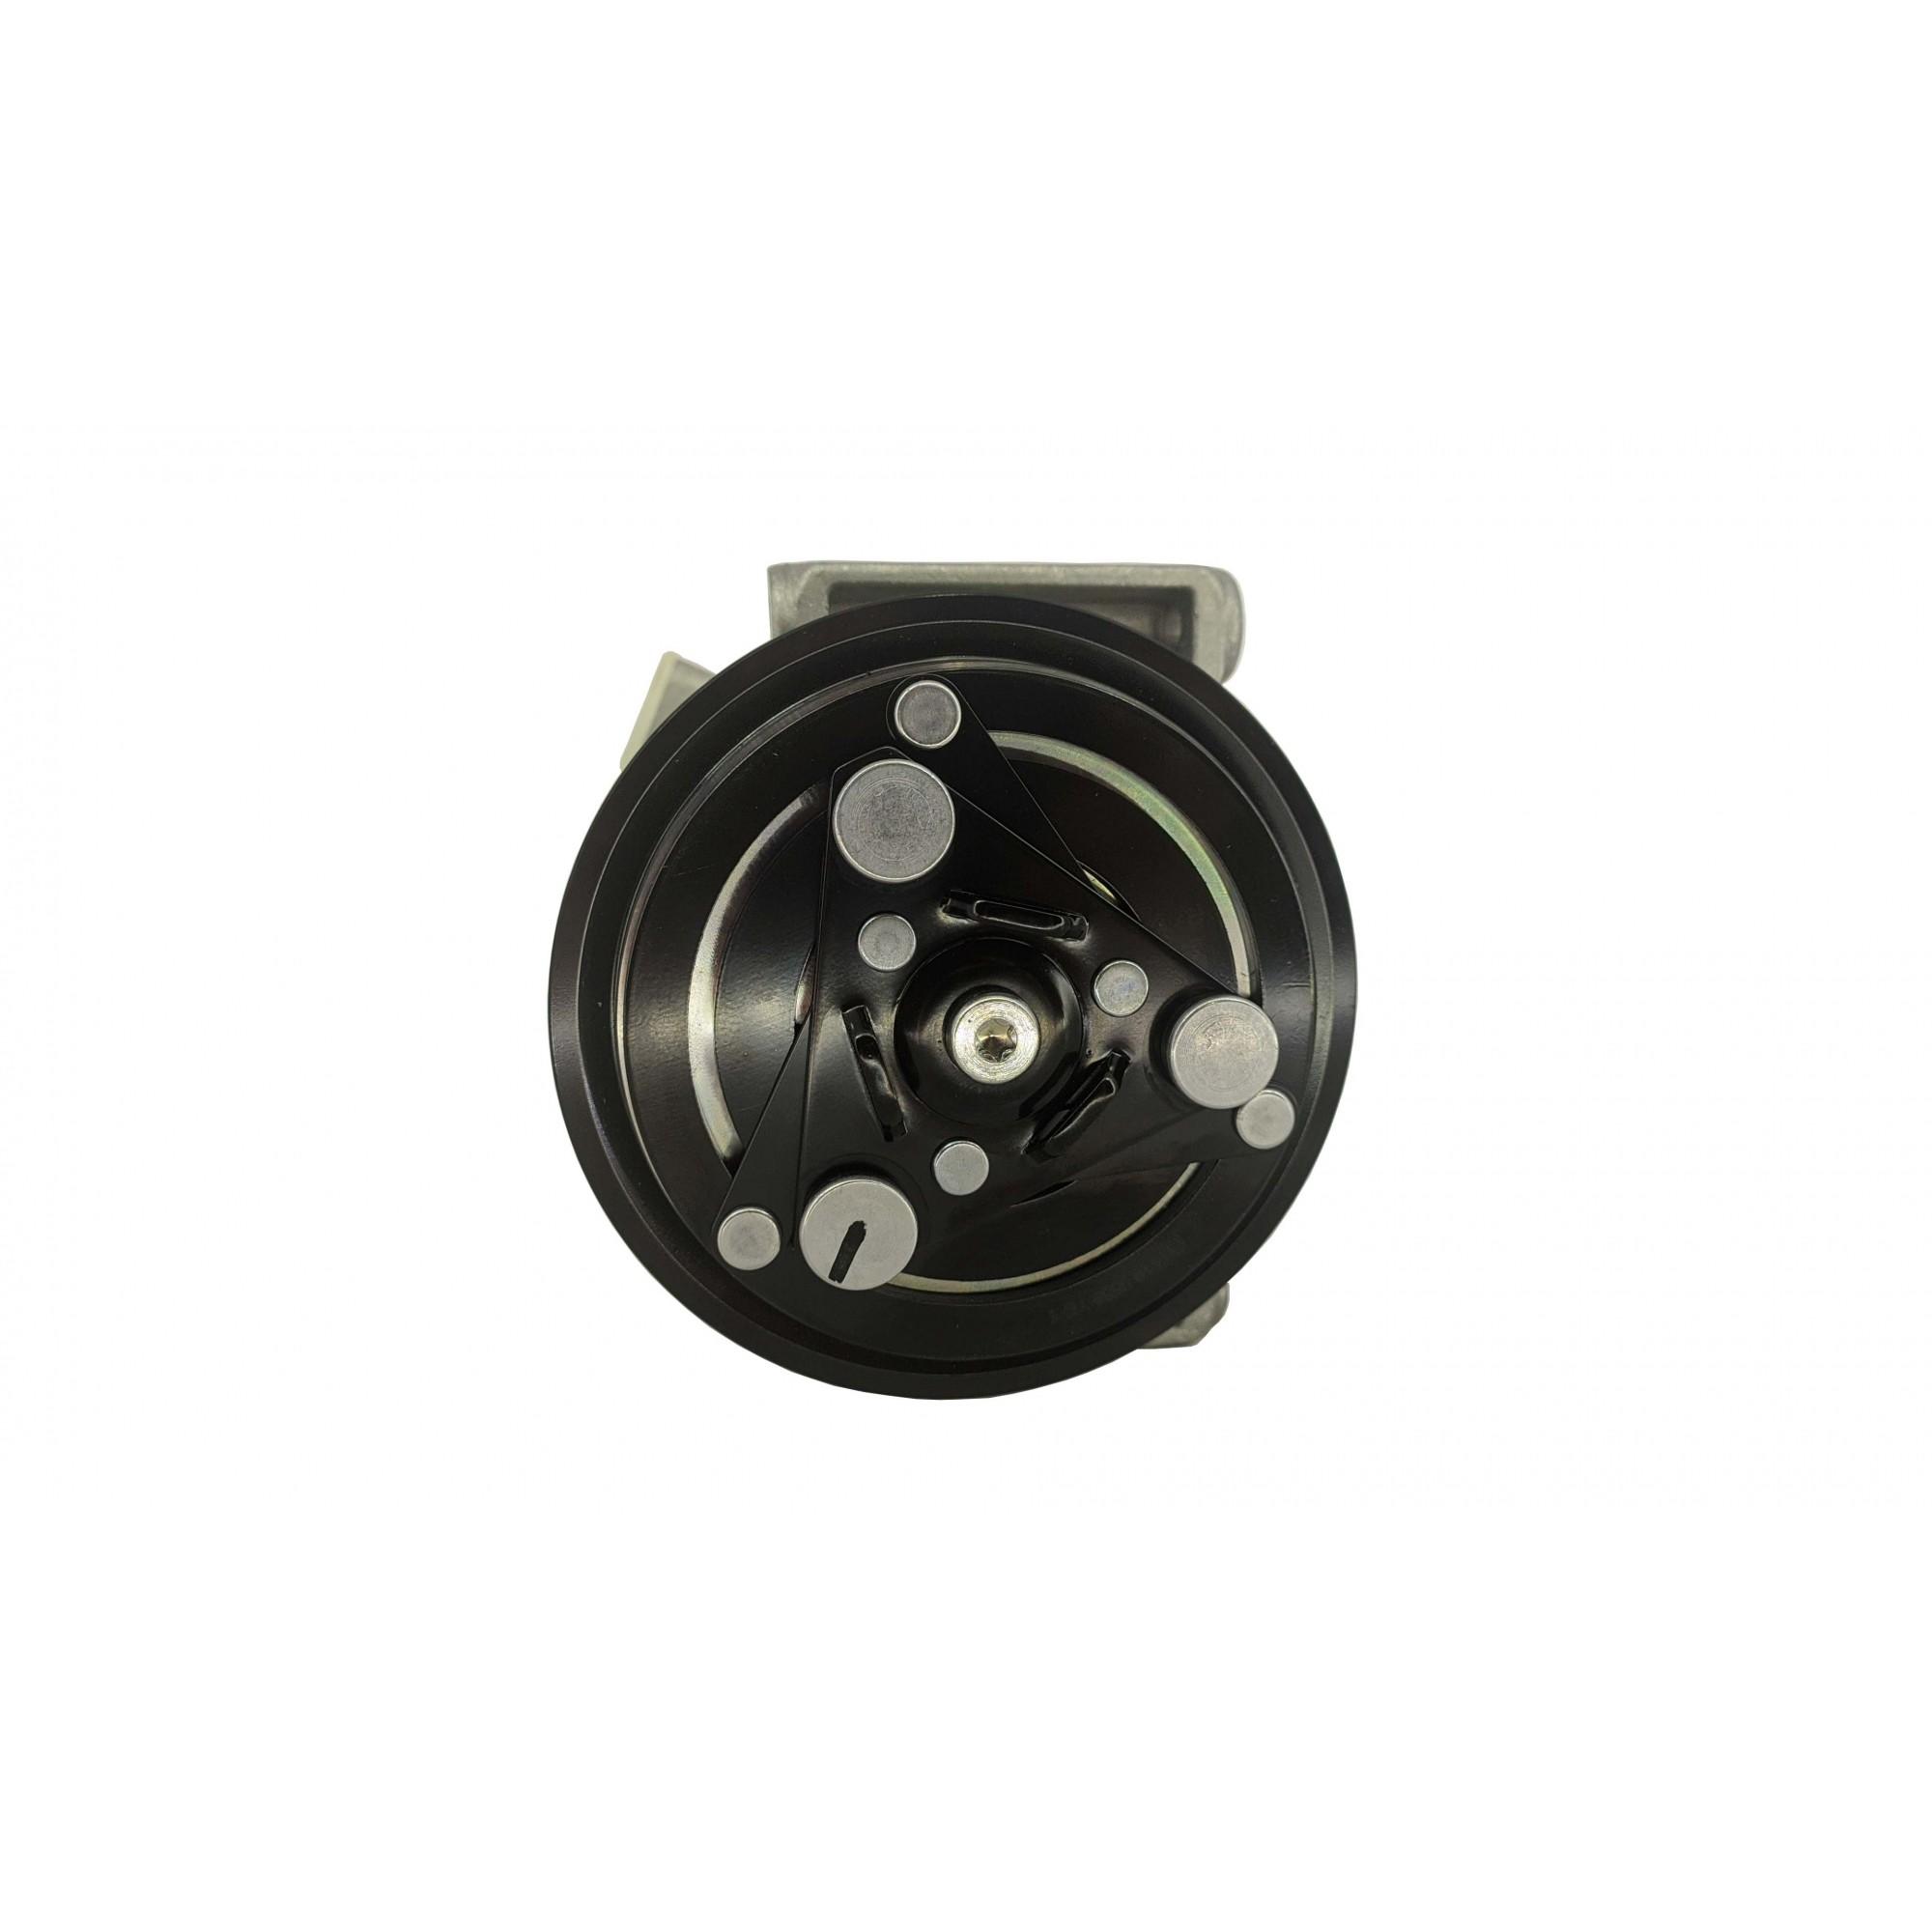 Compressor Novo Uno / Palio / Mobi / Strada 1.0 - 1.4 - Original MAHLE